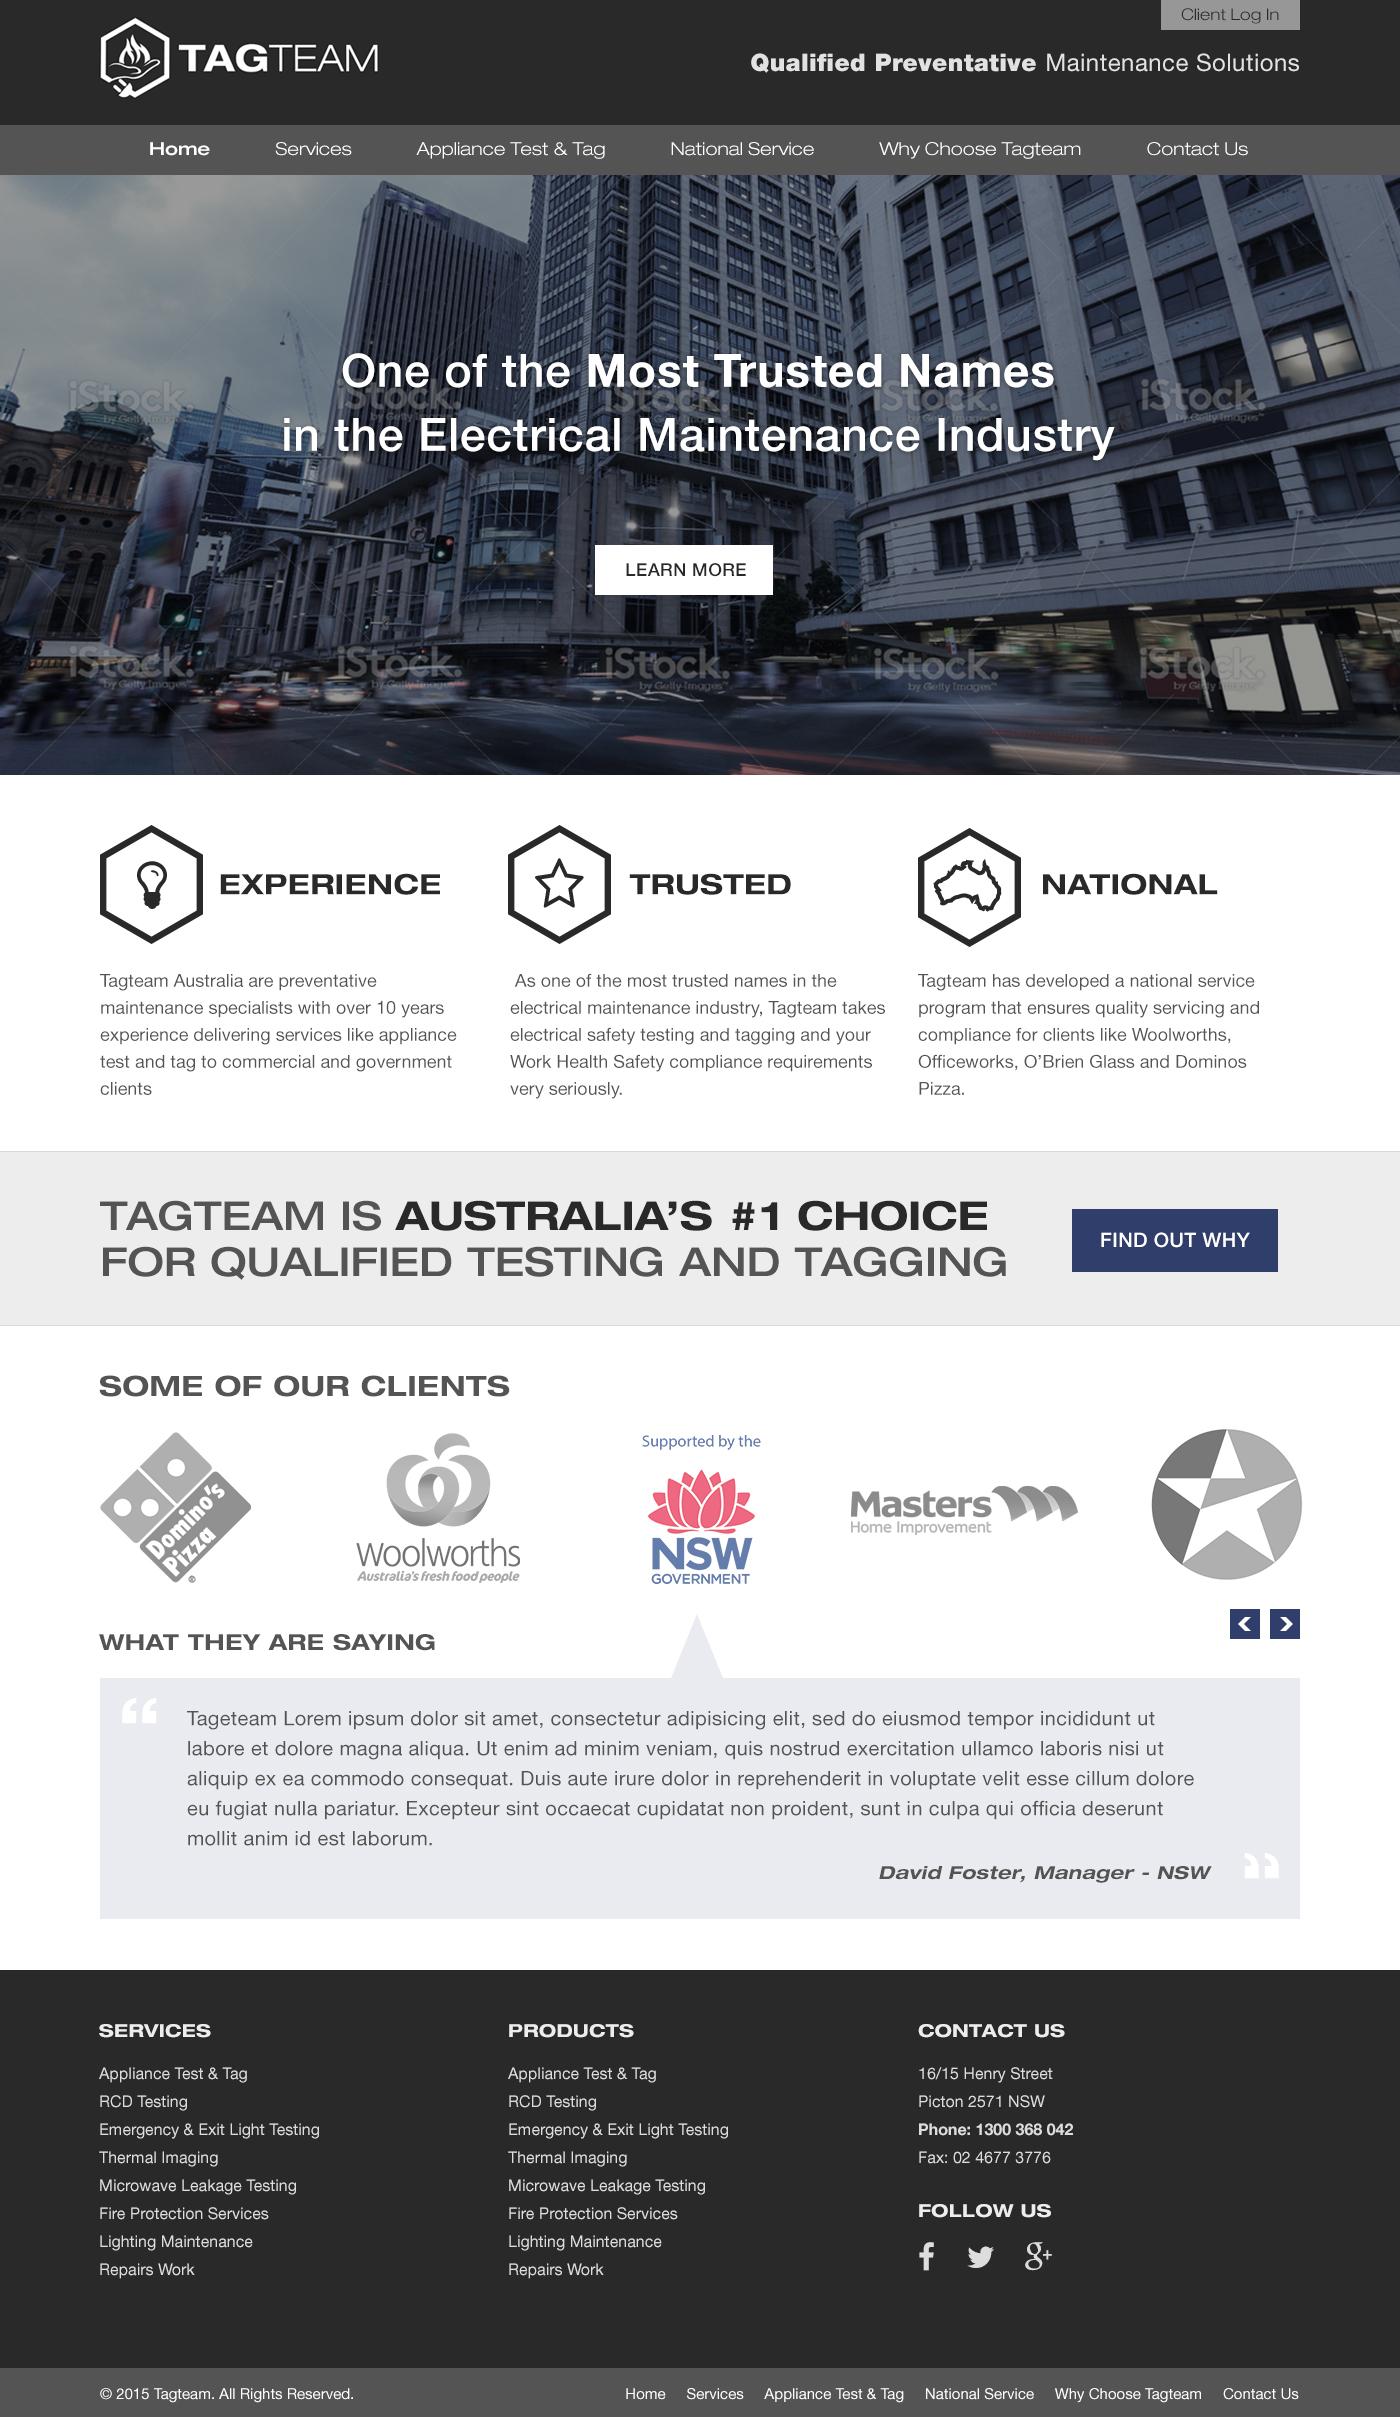 Tagteam Homepage Design